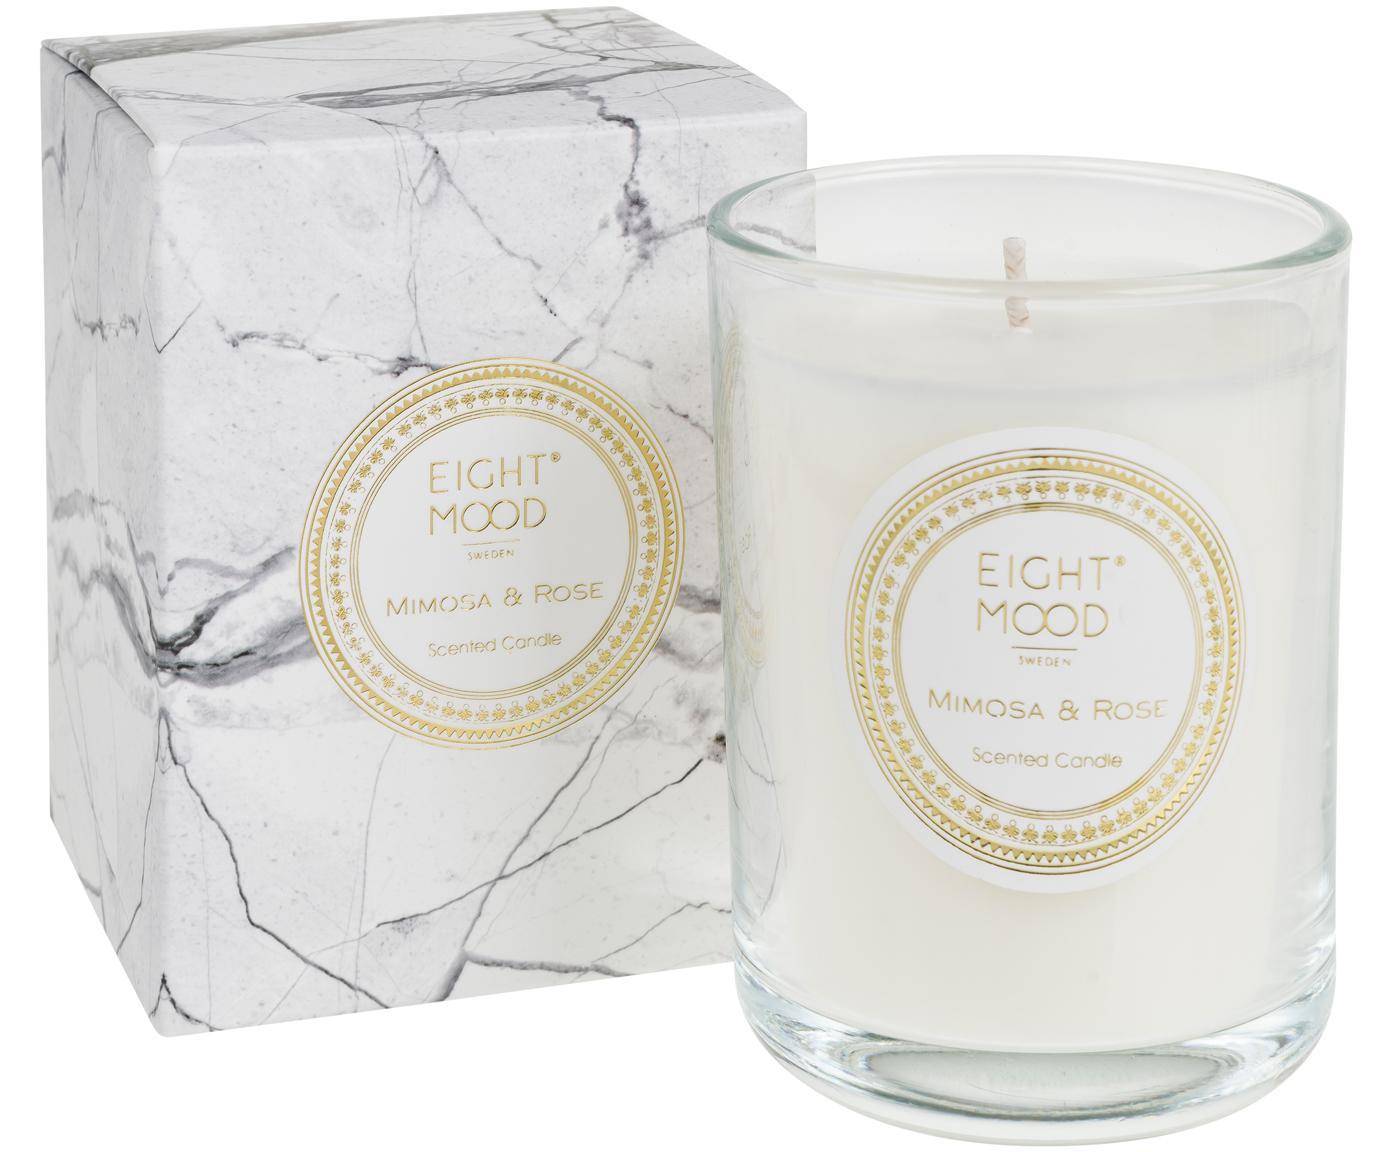 Duftkerze White Marble (Mimose & Rose), Behälter: Glas, Behälter: Transparent Wachs: Weiß, Ø 9 x H 12 cm